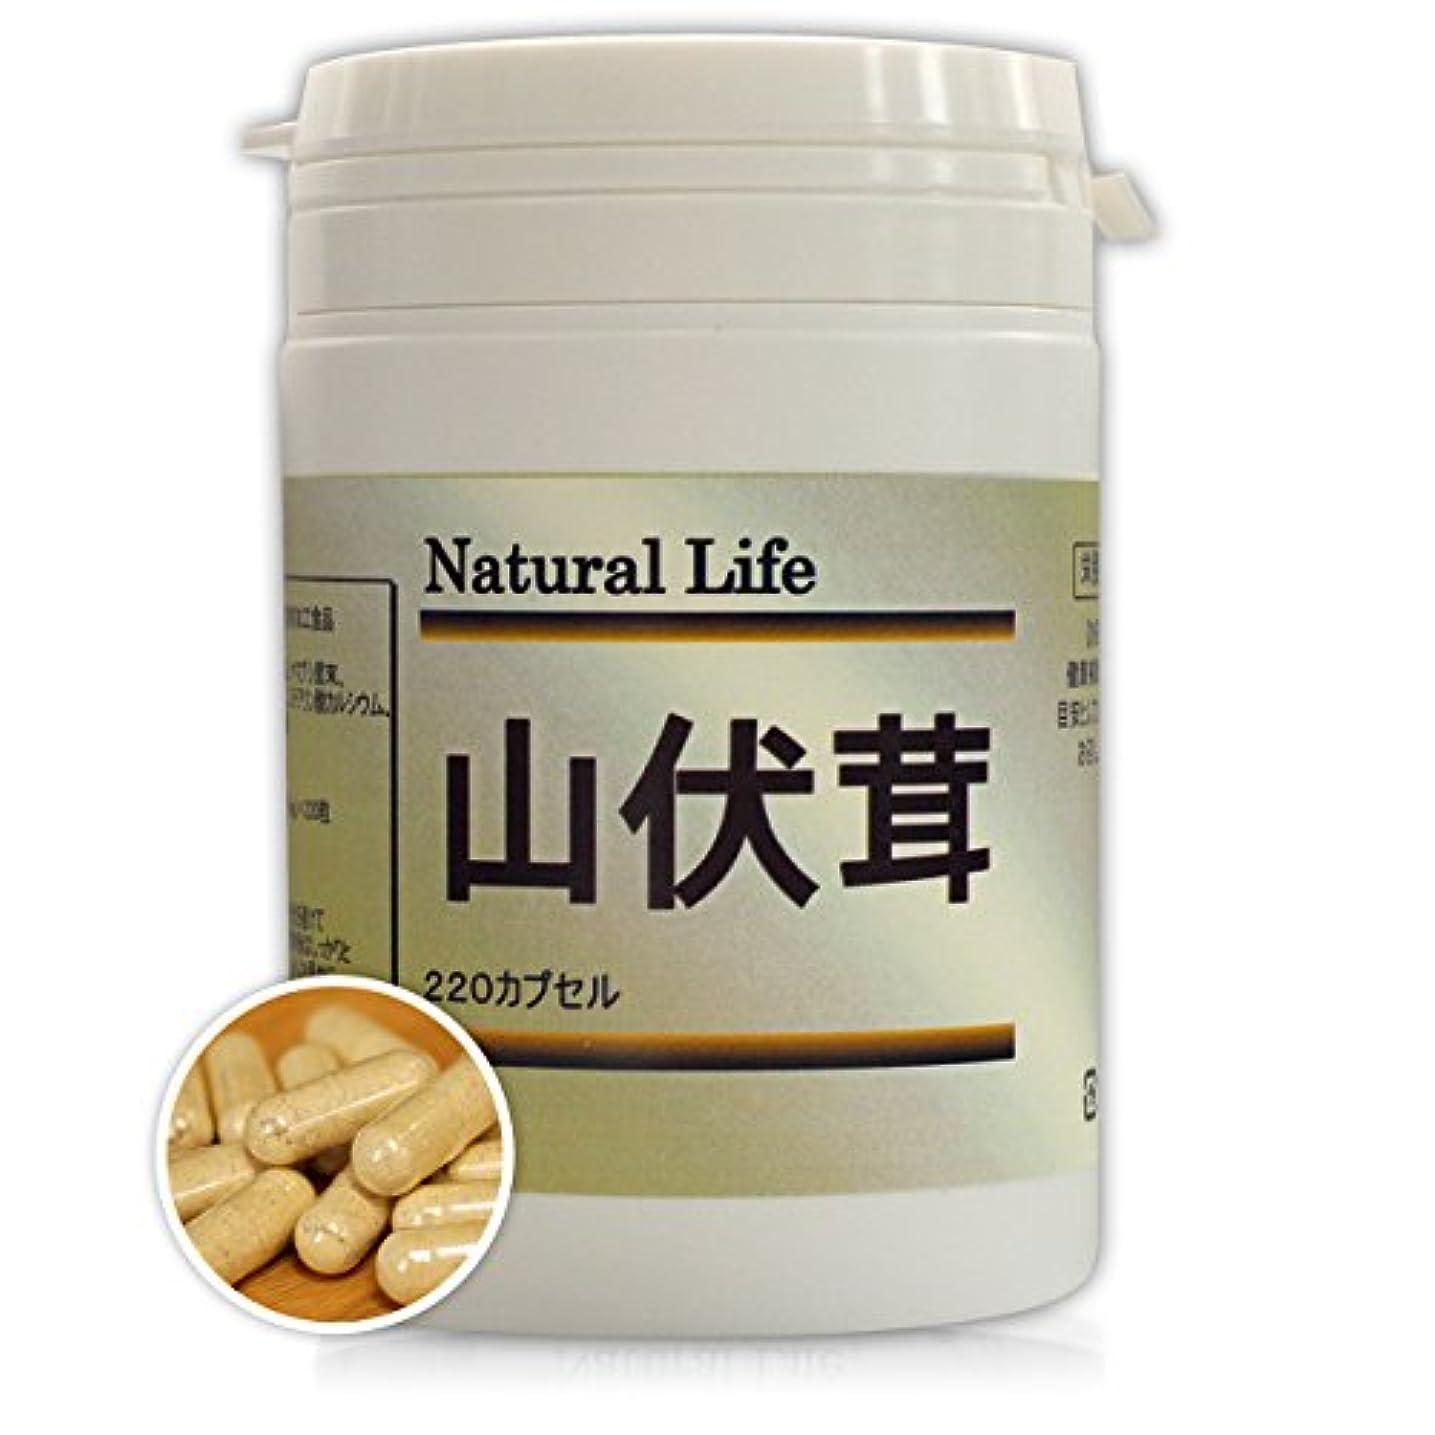 満州ペレット魚ヤマブシタケカプセル[220粒]天然ピュア原料(無添加)健康食品(山伏茸,やまぶしたけ)